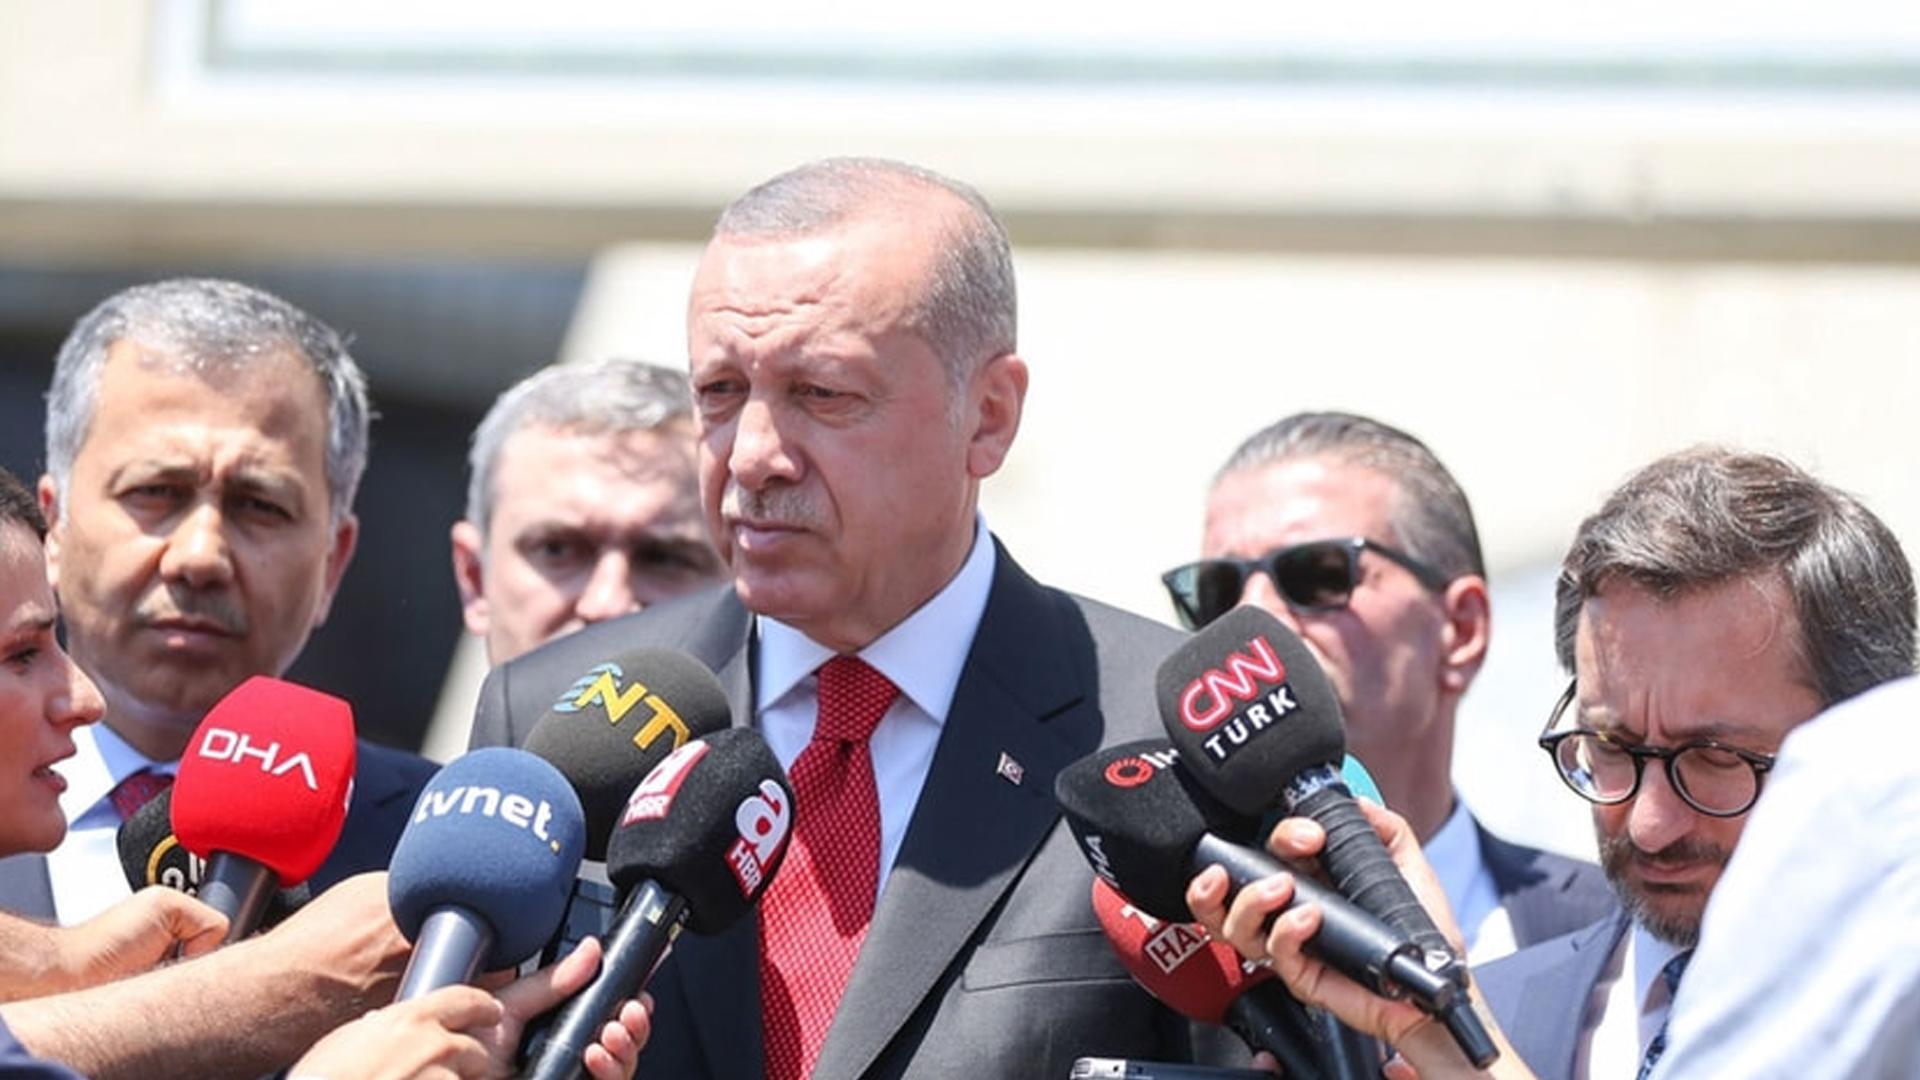 ABD ile varılan anlaşma sonrası Erdoğan'dan ilk açıklama